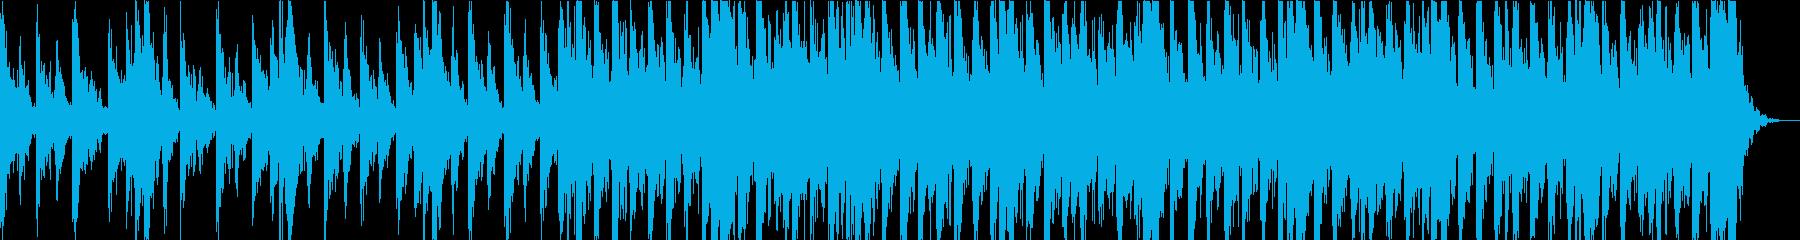 幻想的で緊張感のあるエピックオーケストラの再生済みの波形